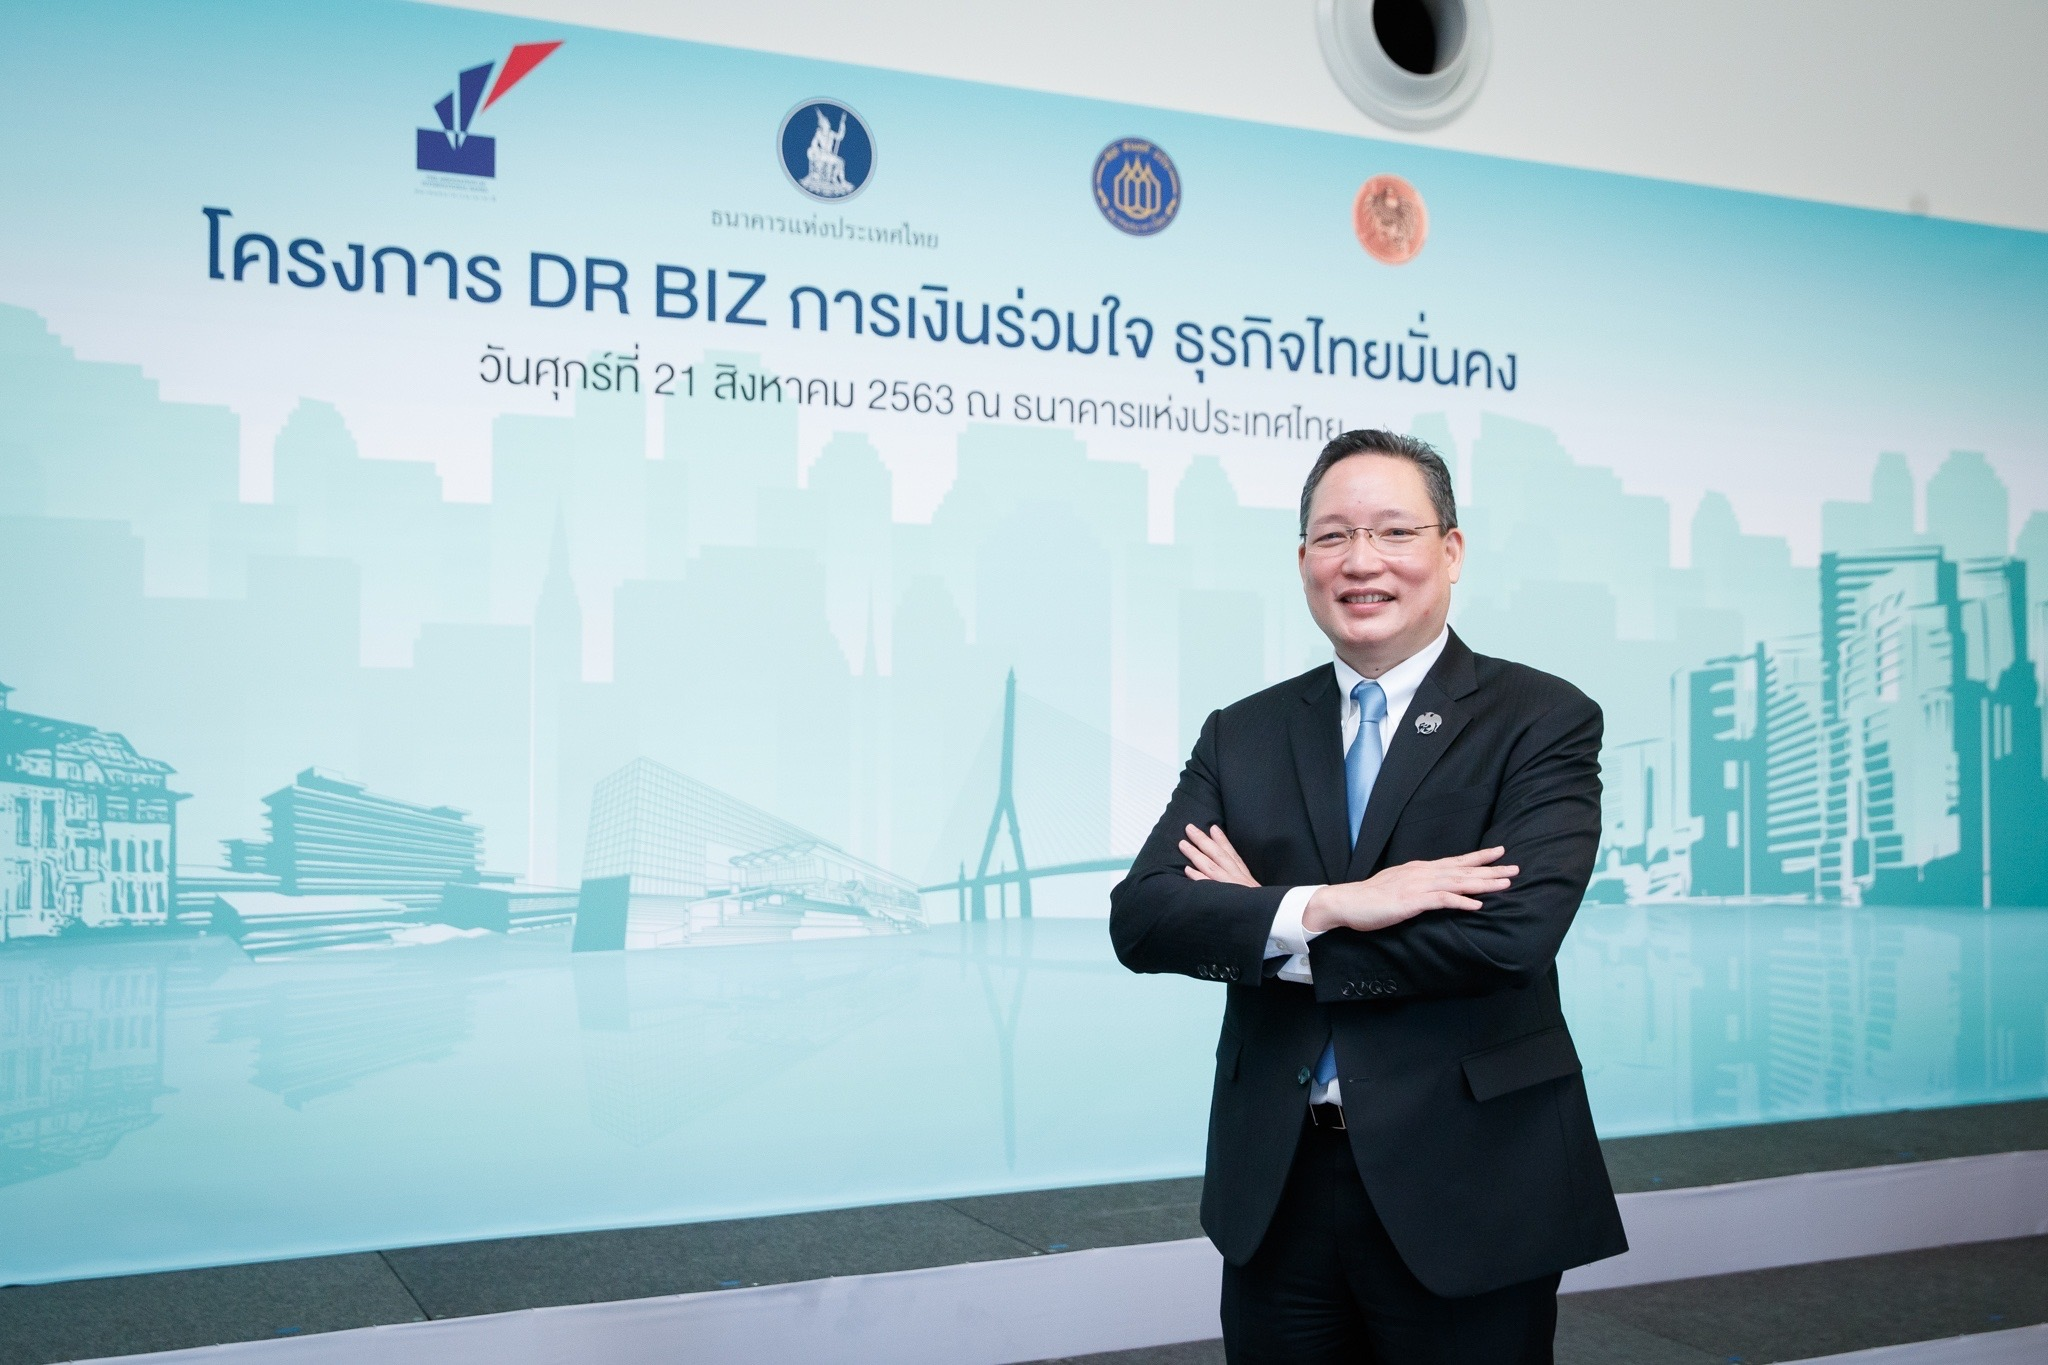 สมาคมธนาคารไทยขานรับมาตรการแบงก์ชาติช่วยลูกค้าภาคธุรกิจแบบเบ็ดเสร็จ